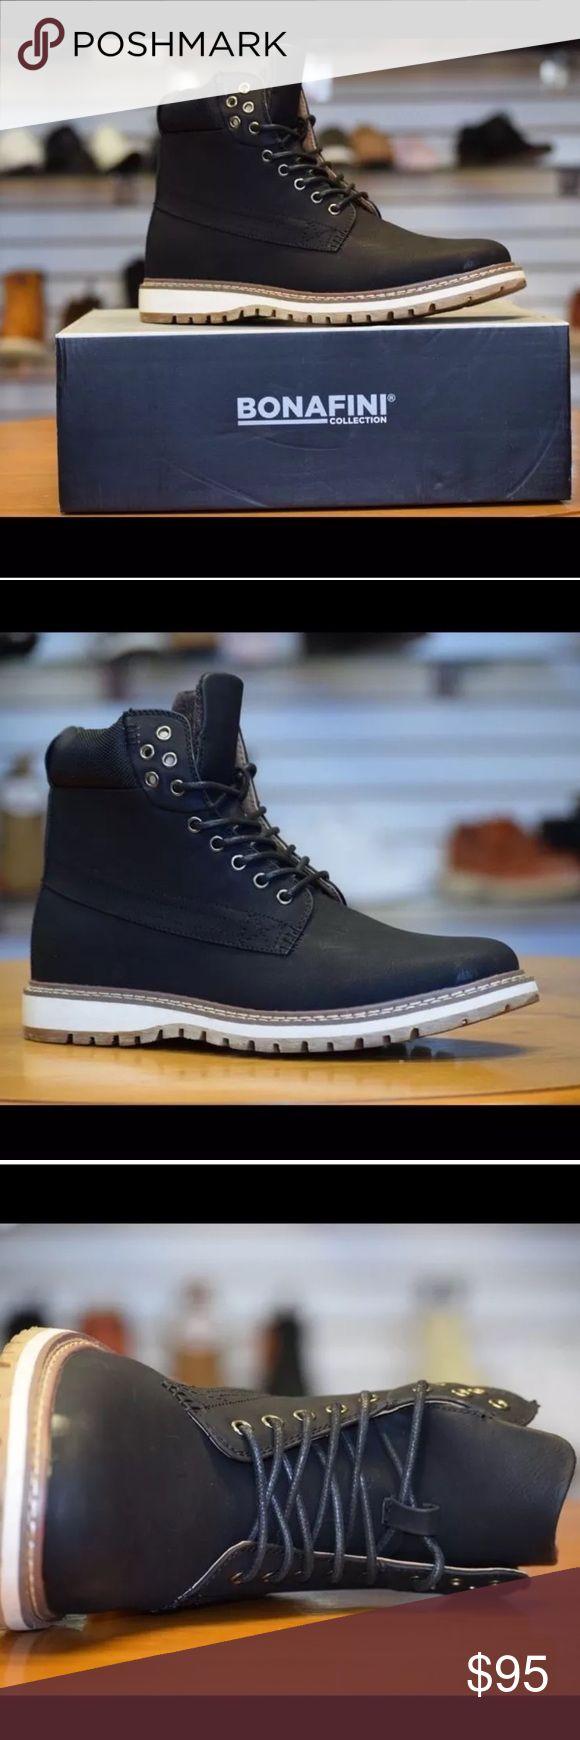 Bonafini Black Men's Casual Boot Sz 8.5 NIB New in box bonafini Lace up casual boots Sz 8.5 new in box. Bonafini Shoes Boots